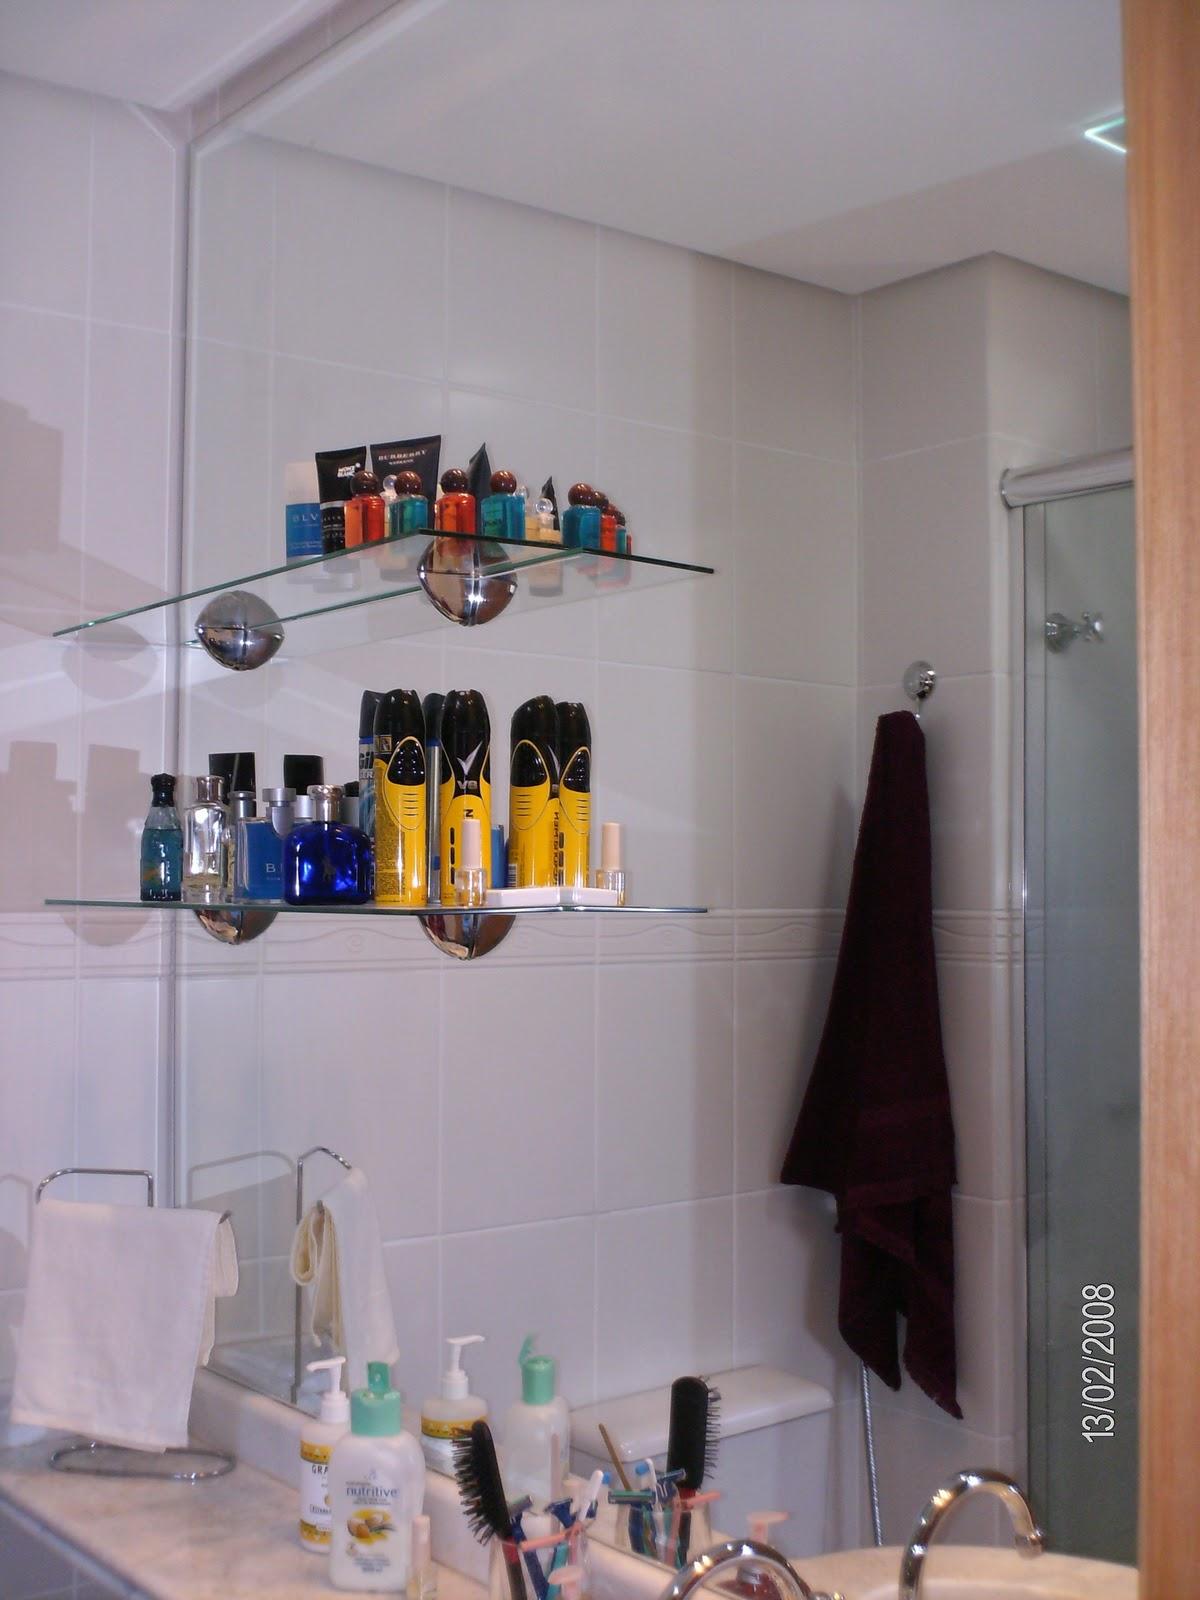 Imagens de #B58016 Atelier do Vidro: Espelhos Banheiro 1200x1600 px 2358 Box De Vidro Banheiro Porto Alegre